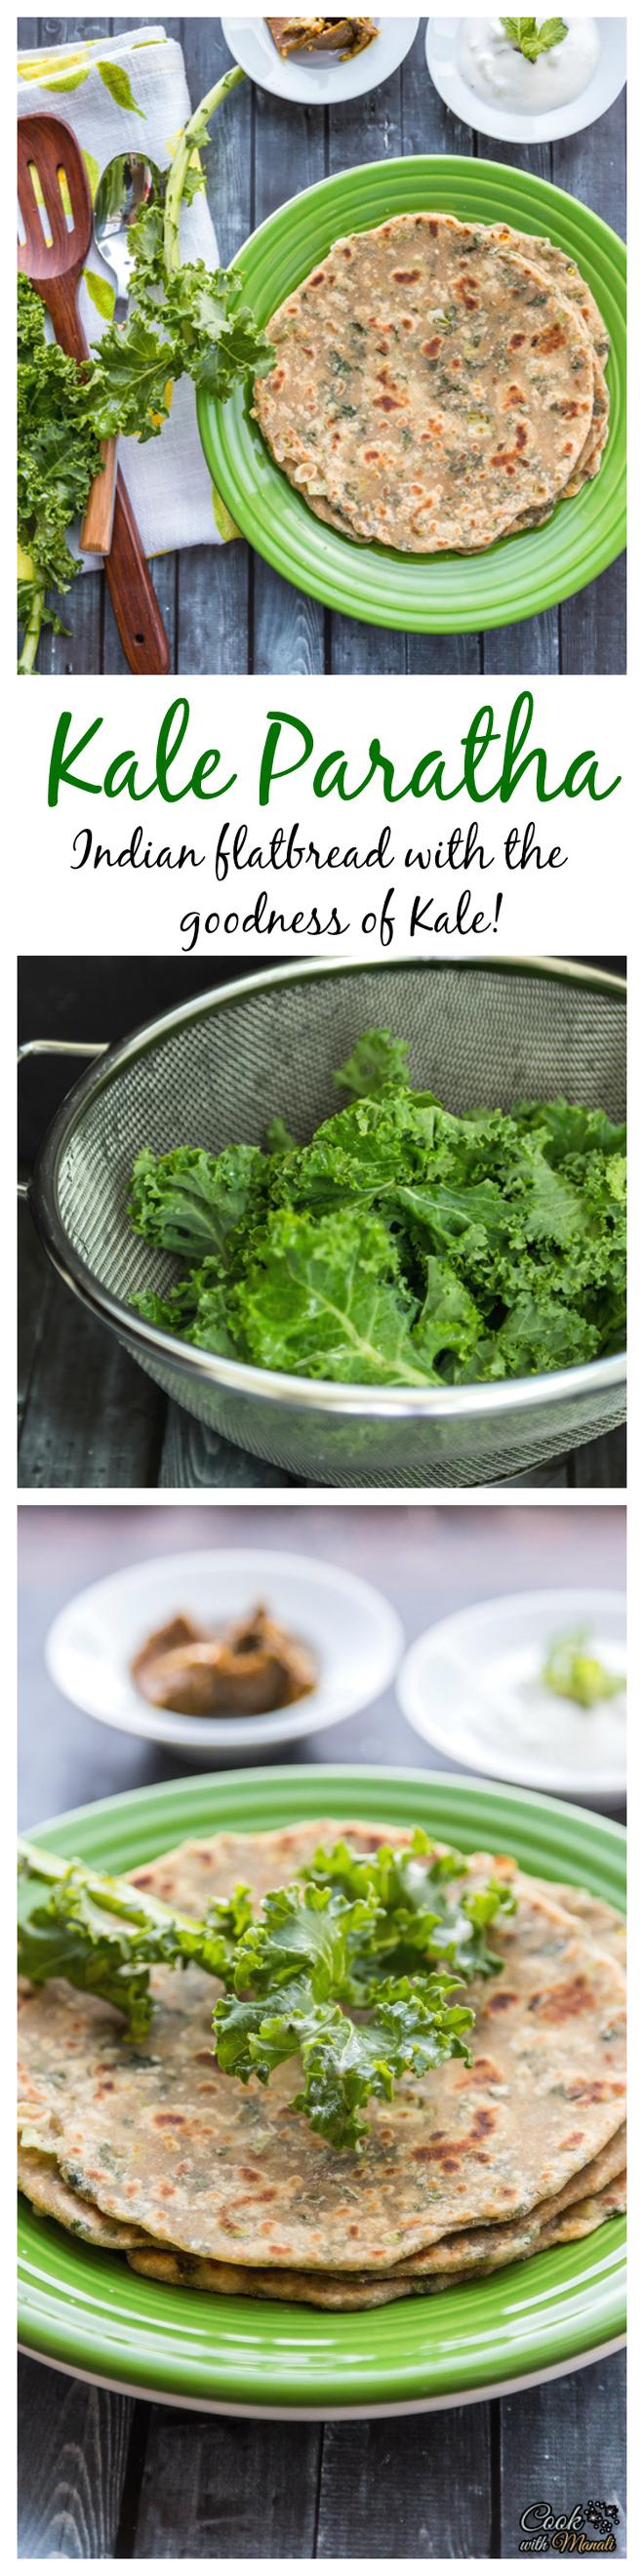 Kale Paratha Collage-nocwm